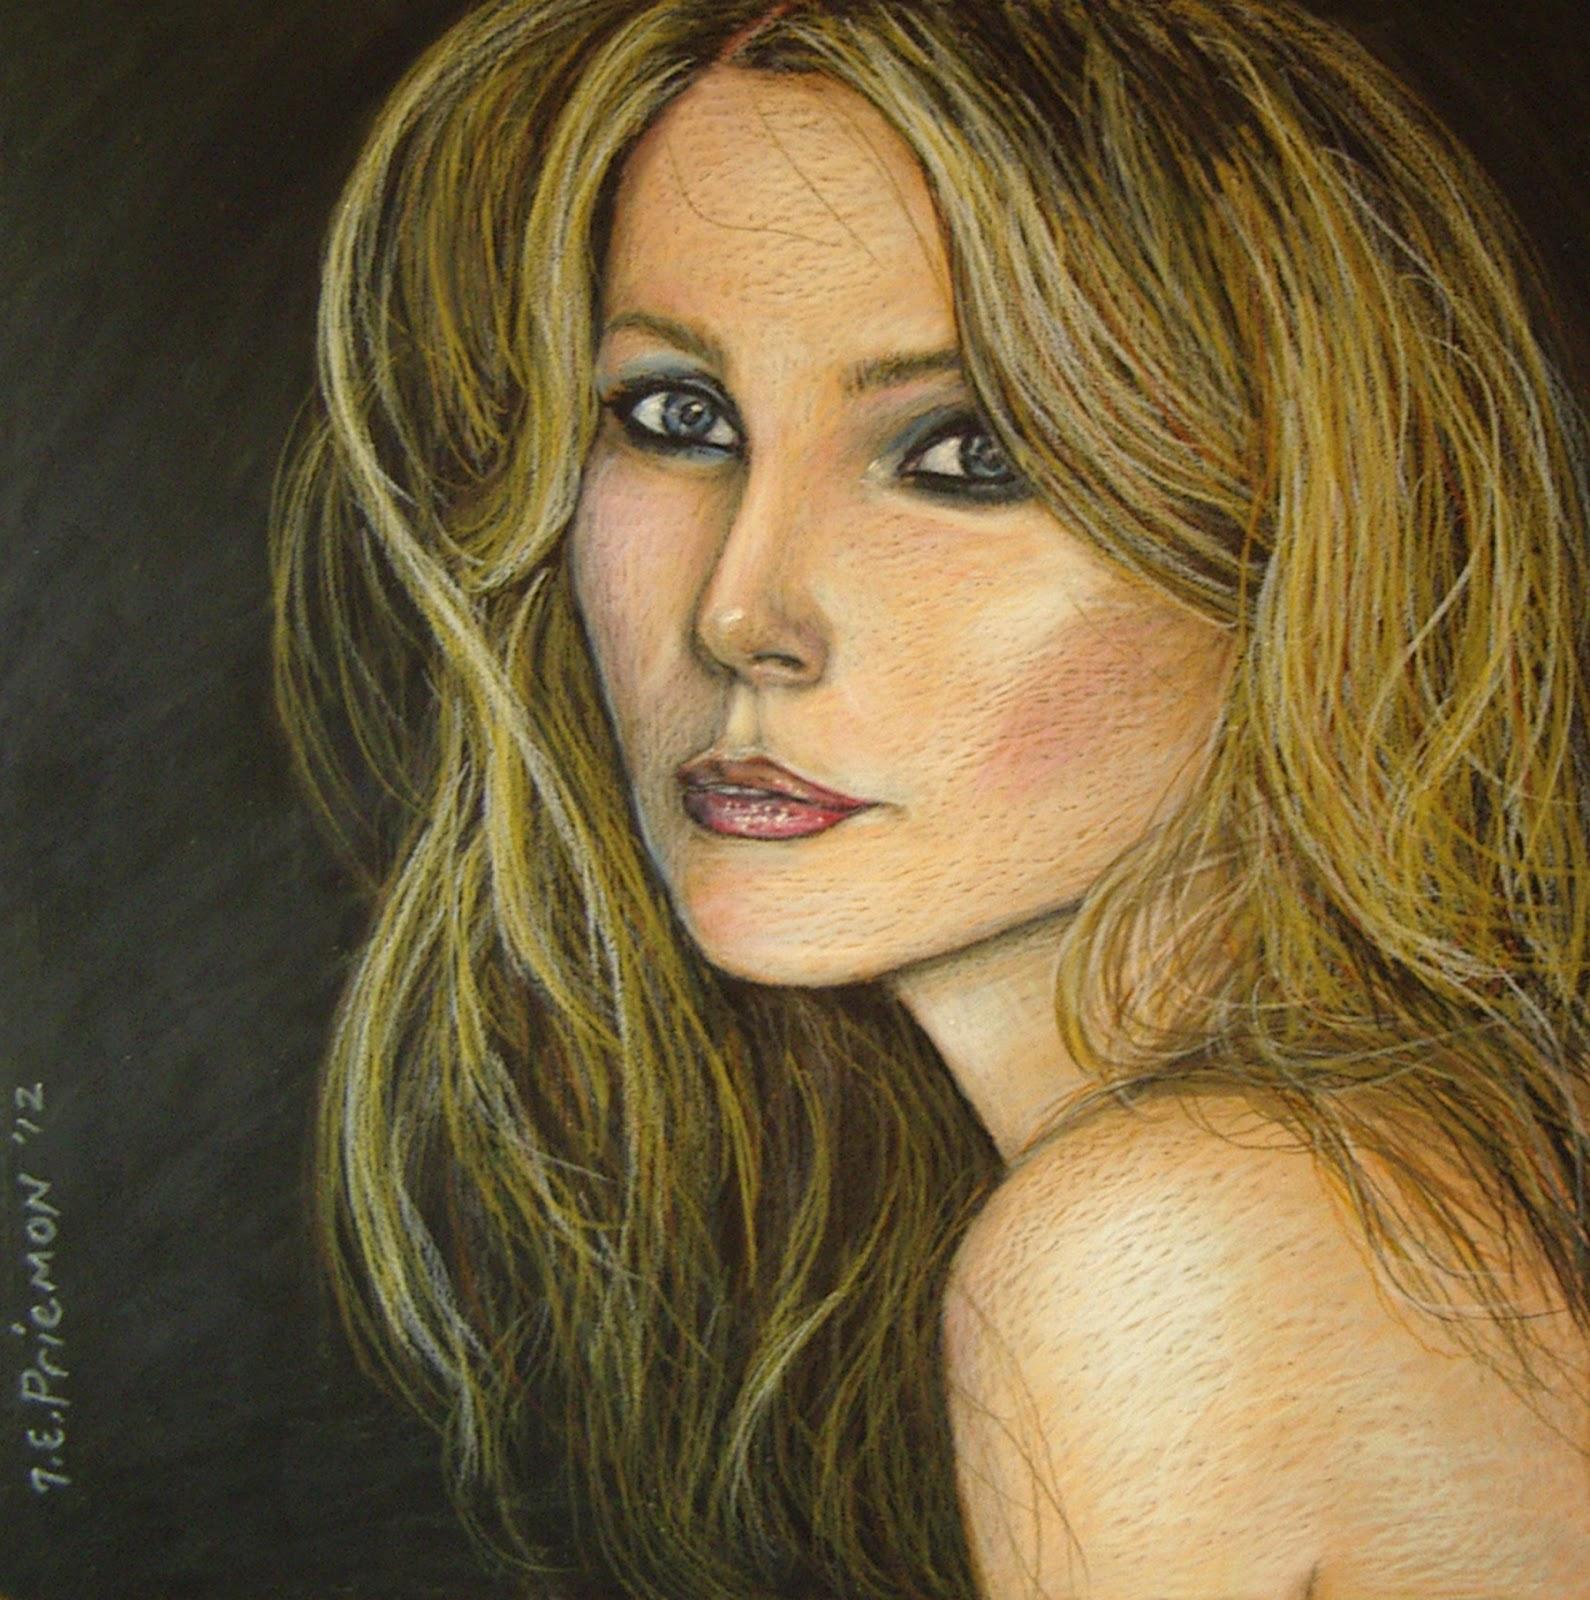 http://4.bp.blogspot.com/-l93B_iCwQaY/T9qkZD6hqSI/AAAAAAAAAVs/PoBmtyMZMqY/s1600/Helen,++Daughter+of+Zeus.jpg